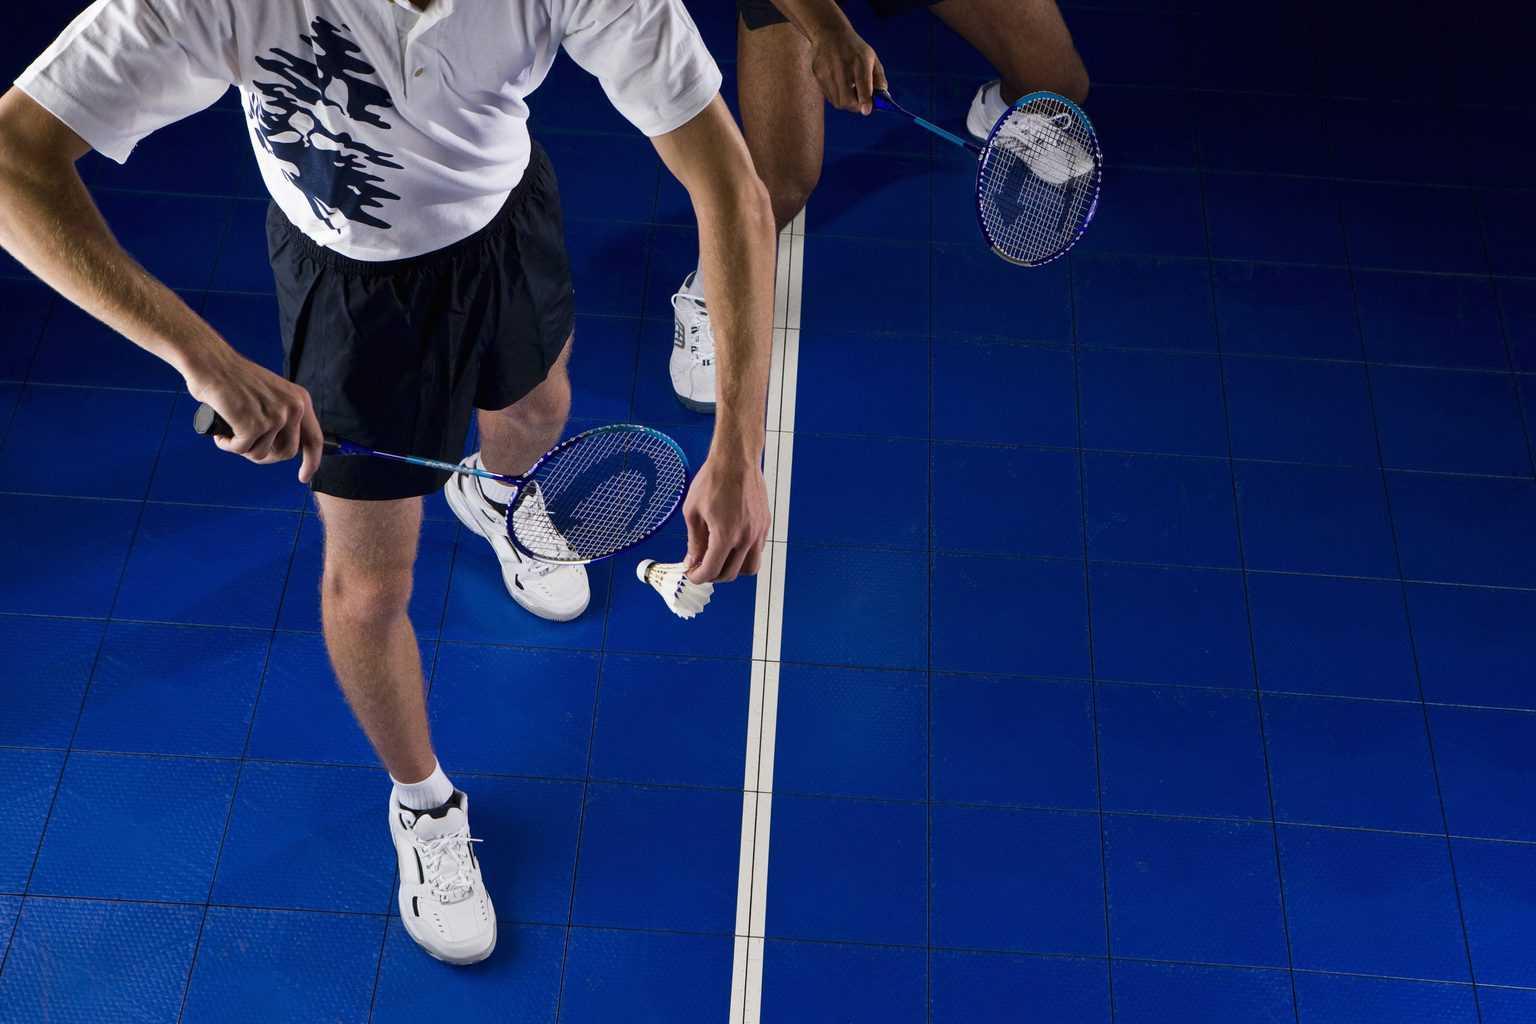 Men playing badminton wearing badminton shoes